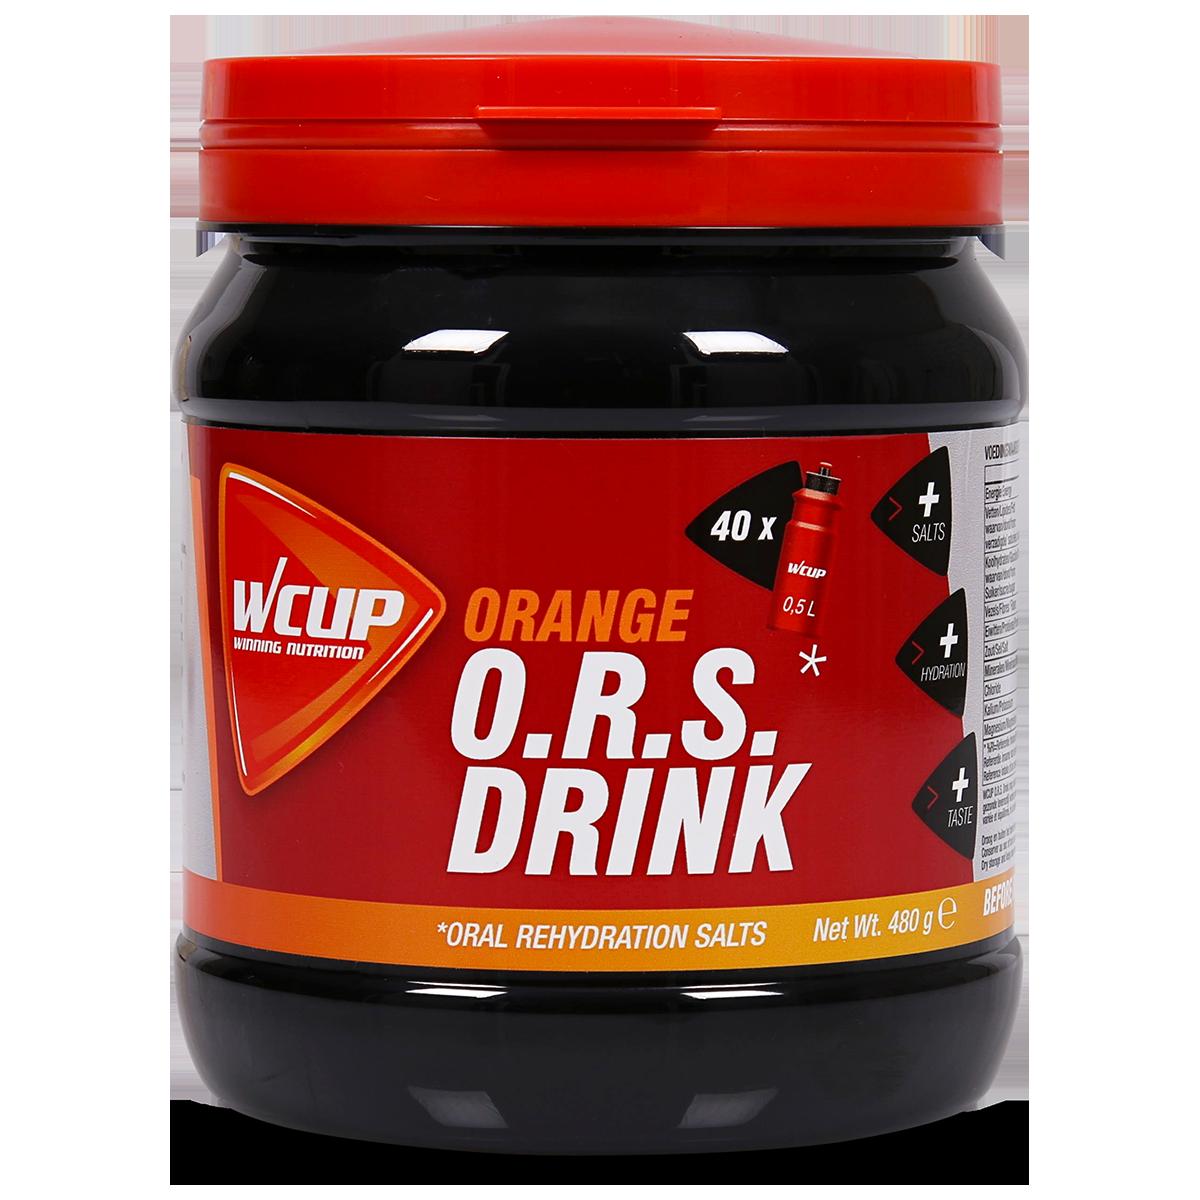 O.R.S Drink Orange